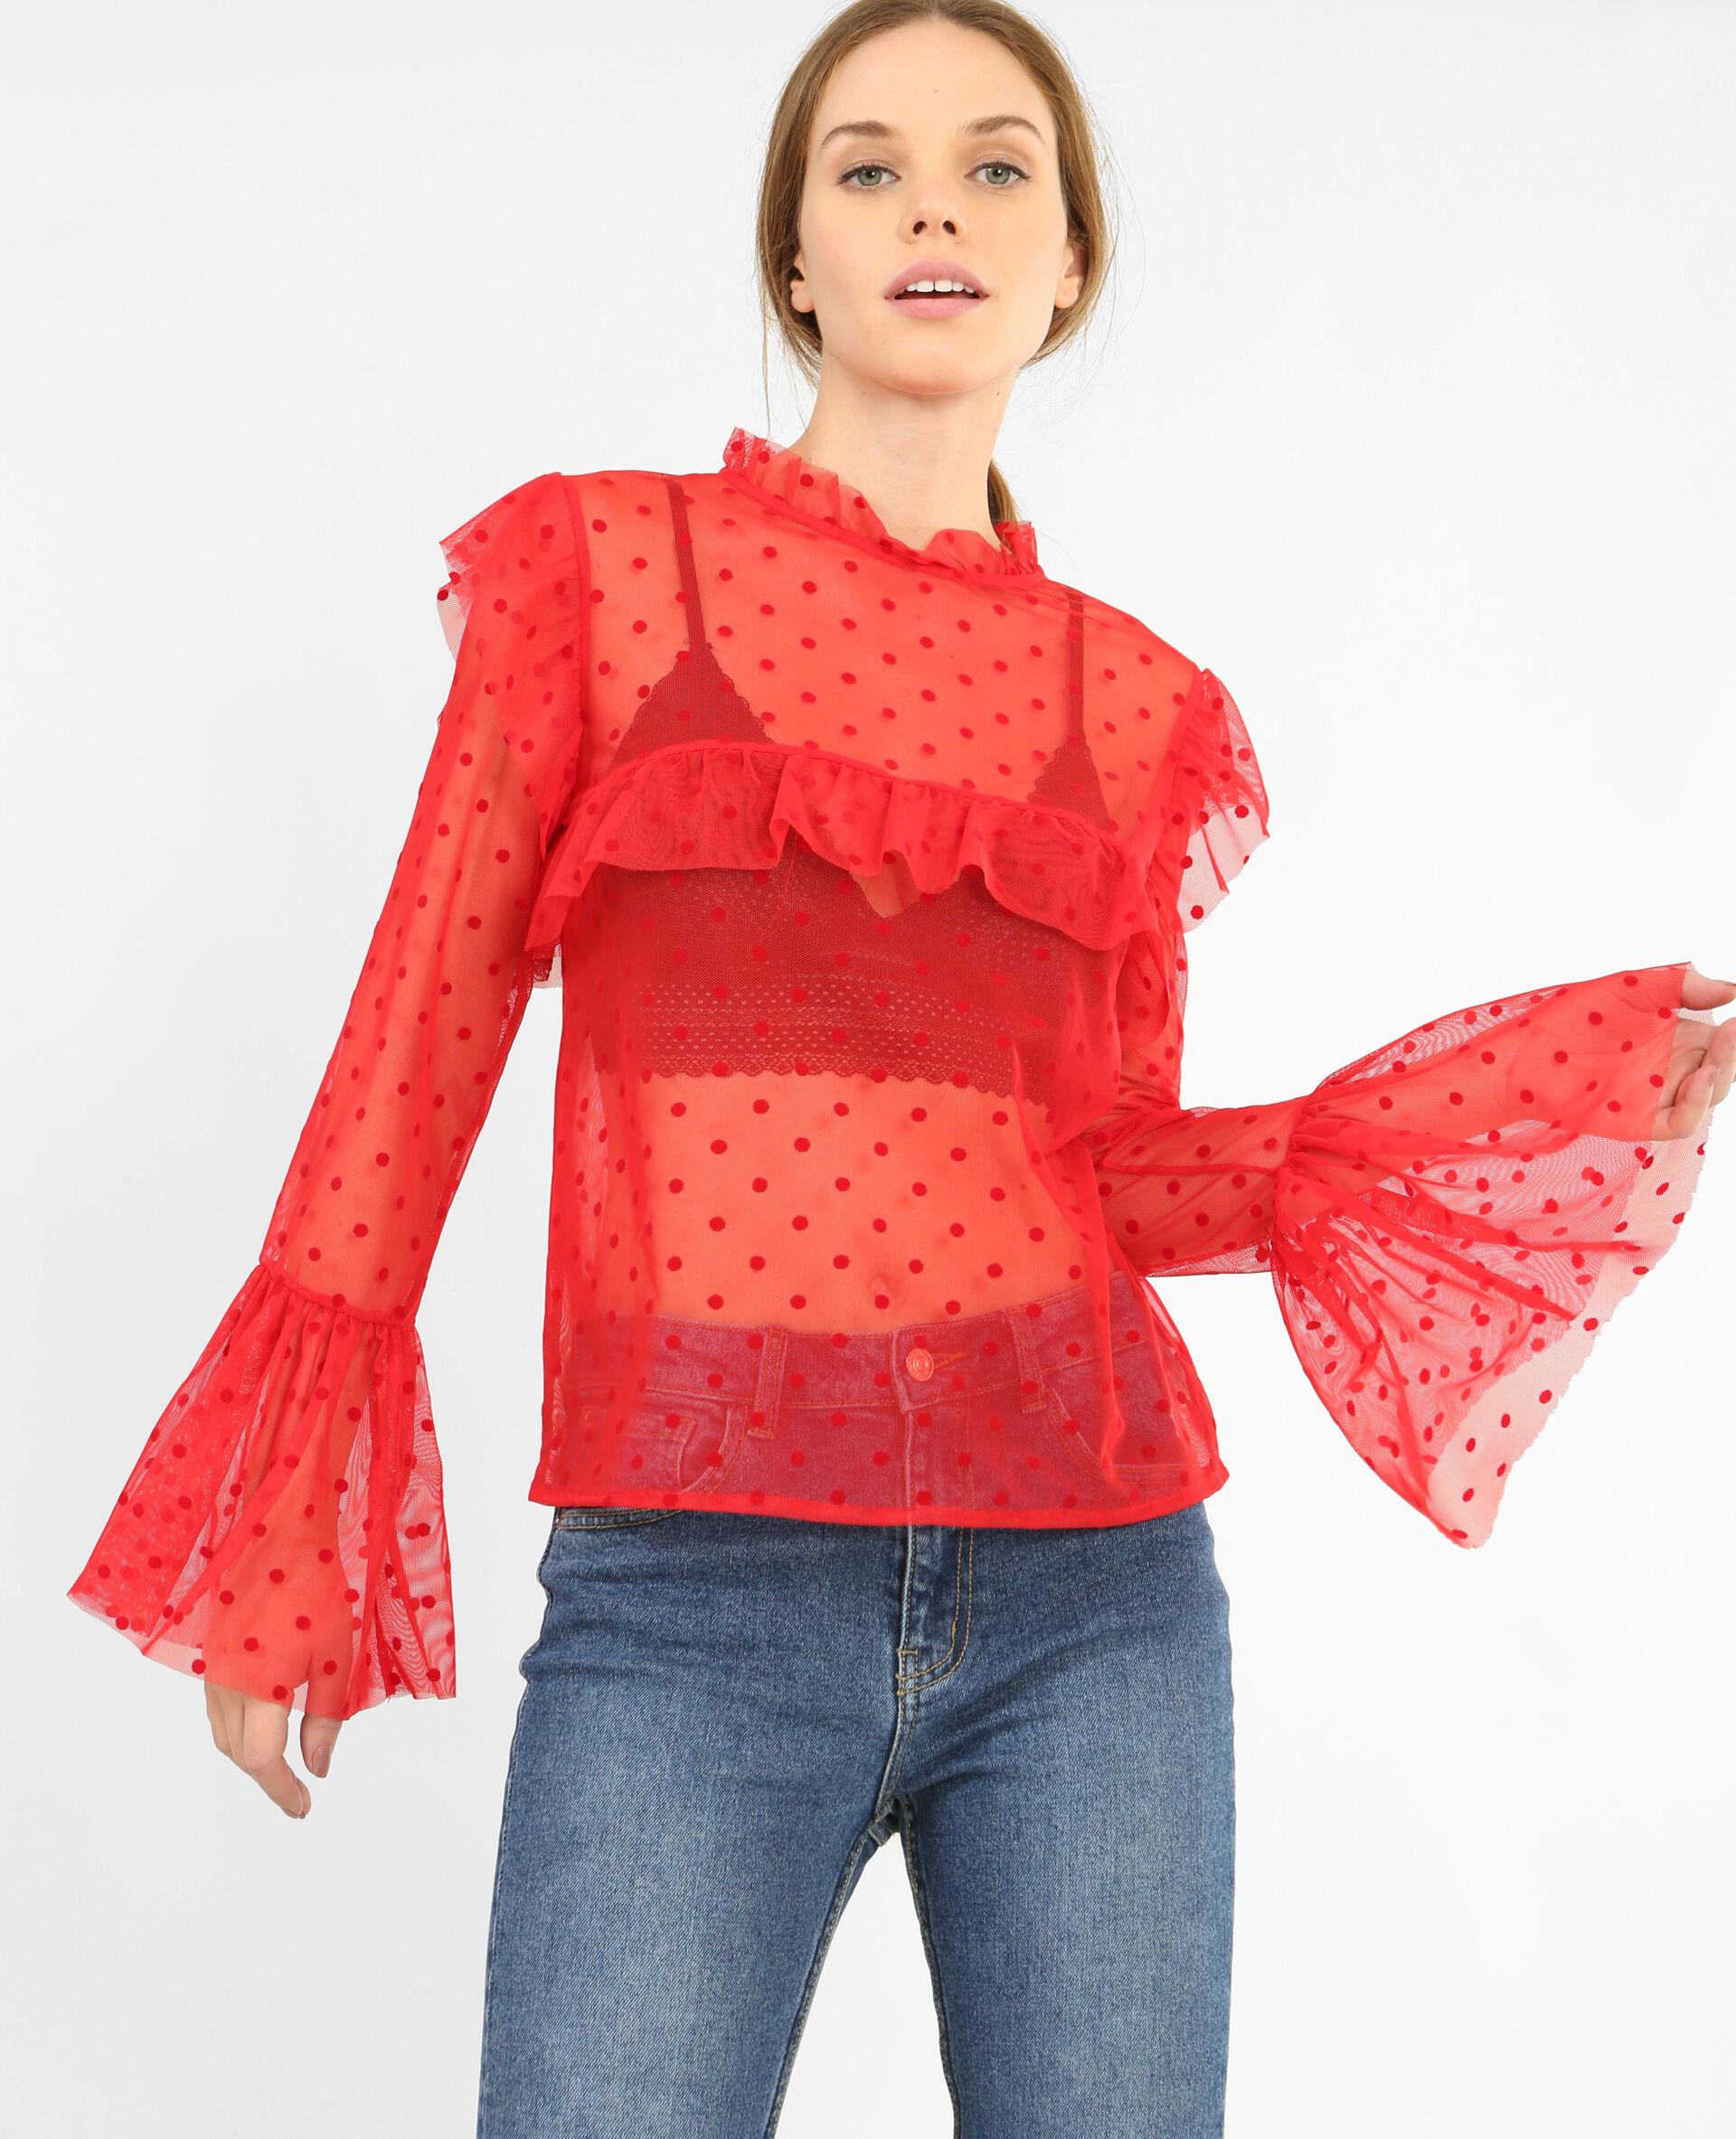 Liste de produits blouse et prix blouse - page 7 - ShopandBuy.fr 460db5ea0d1d